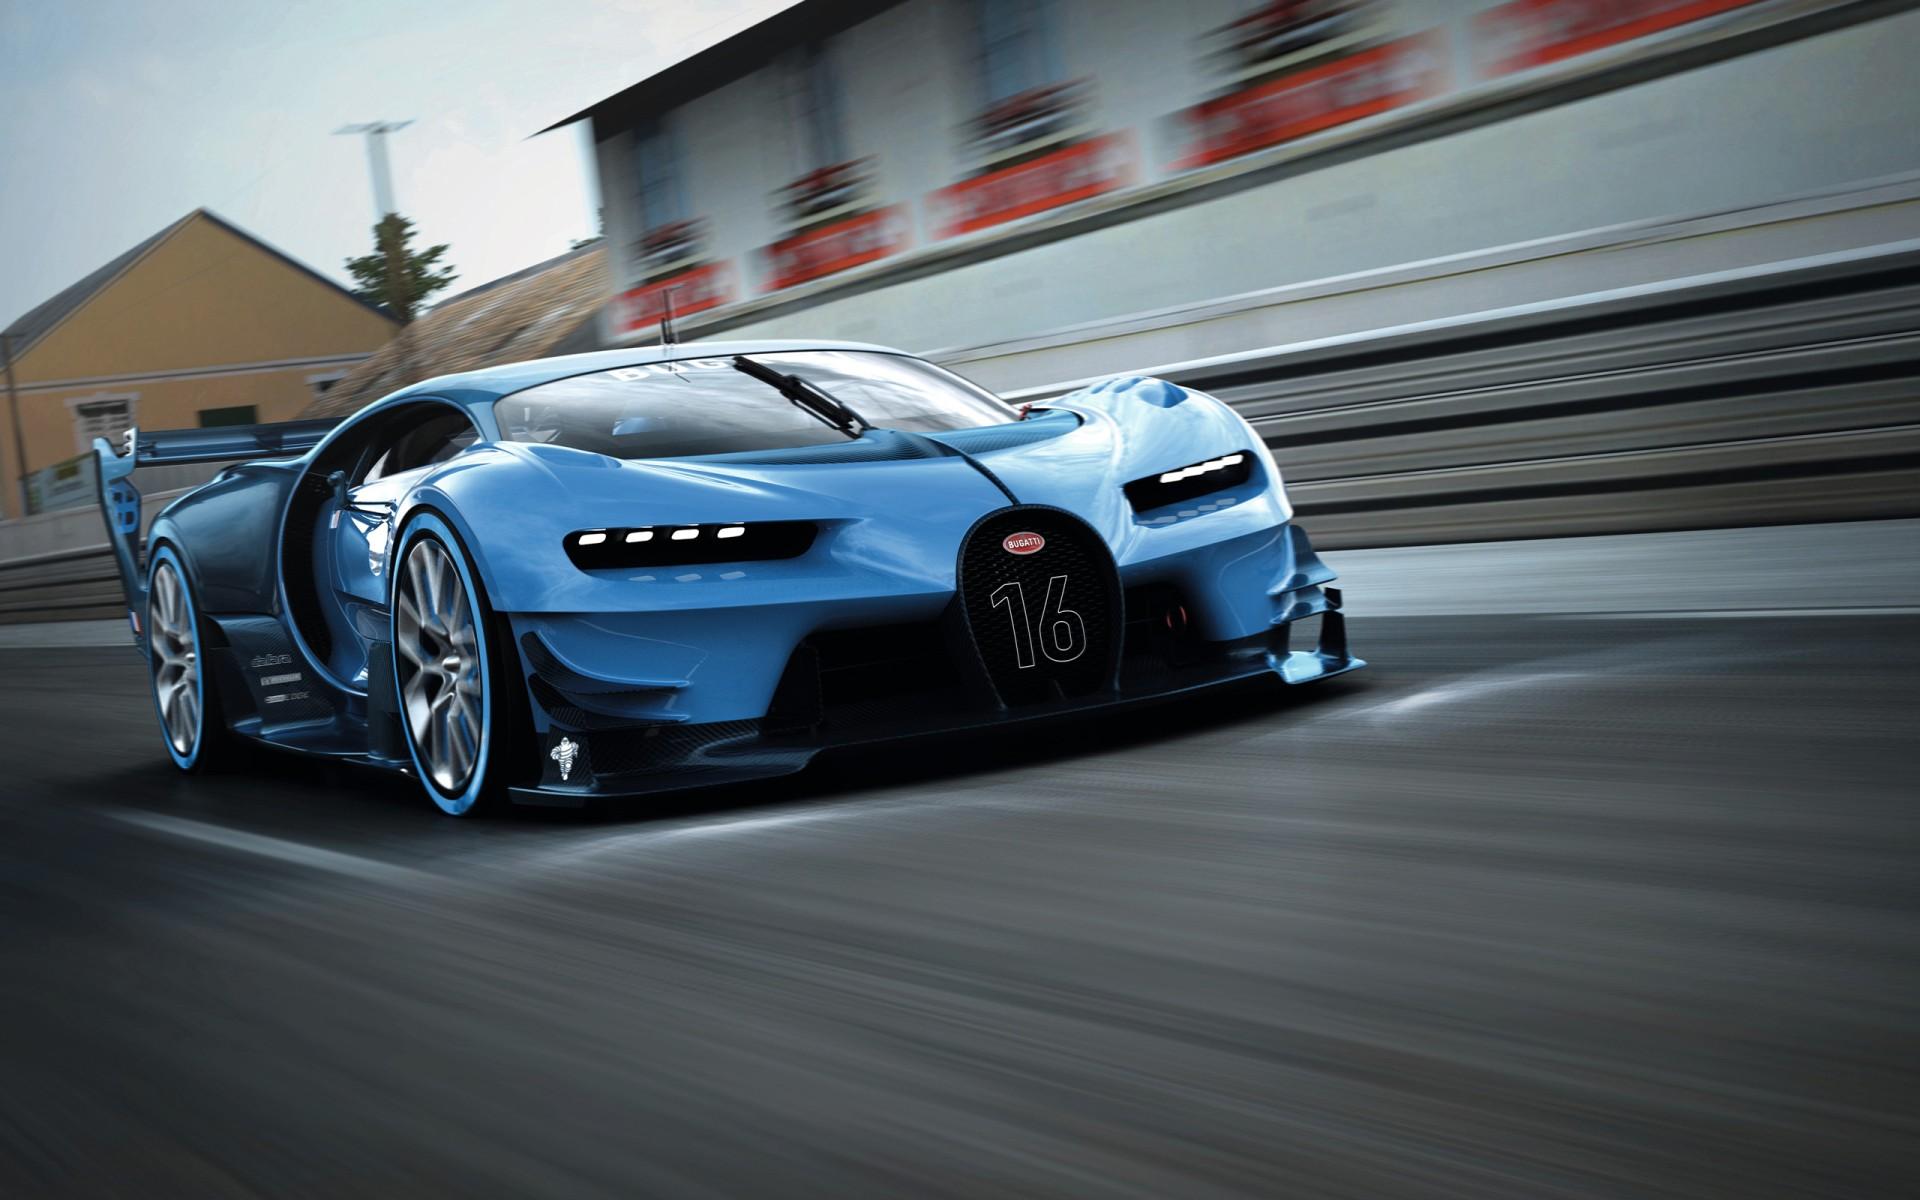 Bugatti Vision Gran Turismo 2015 Wallpaper | HD Car ...